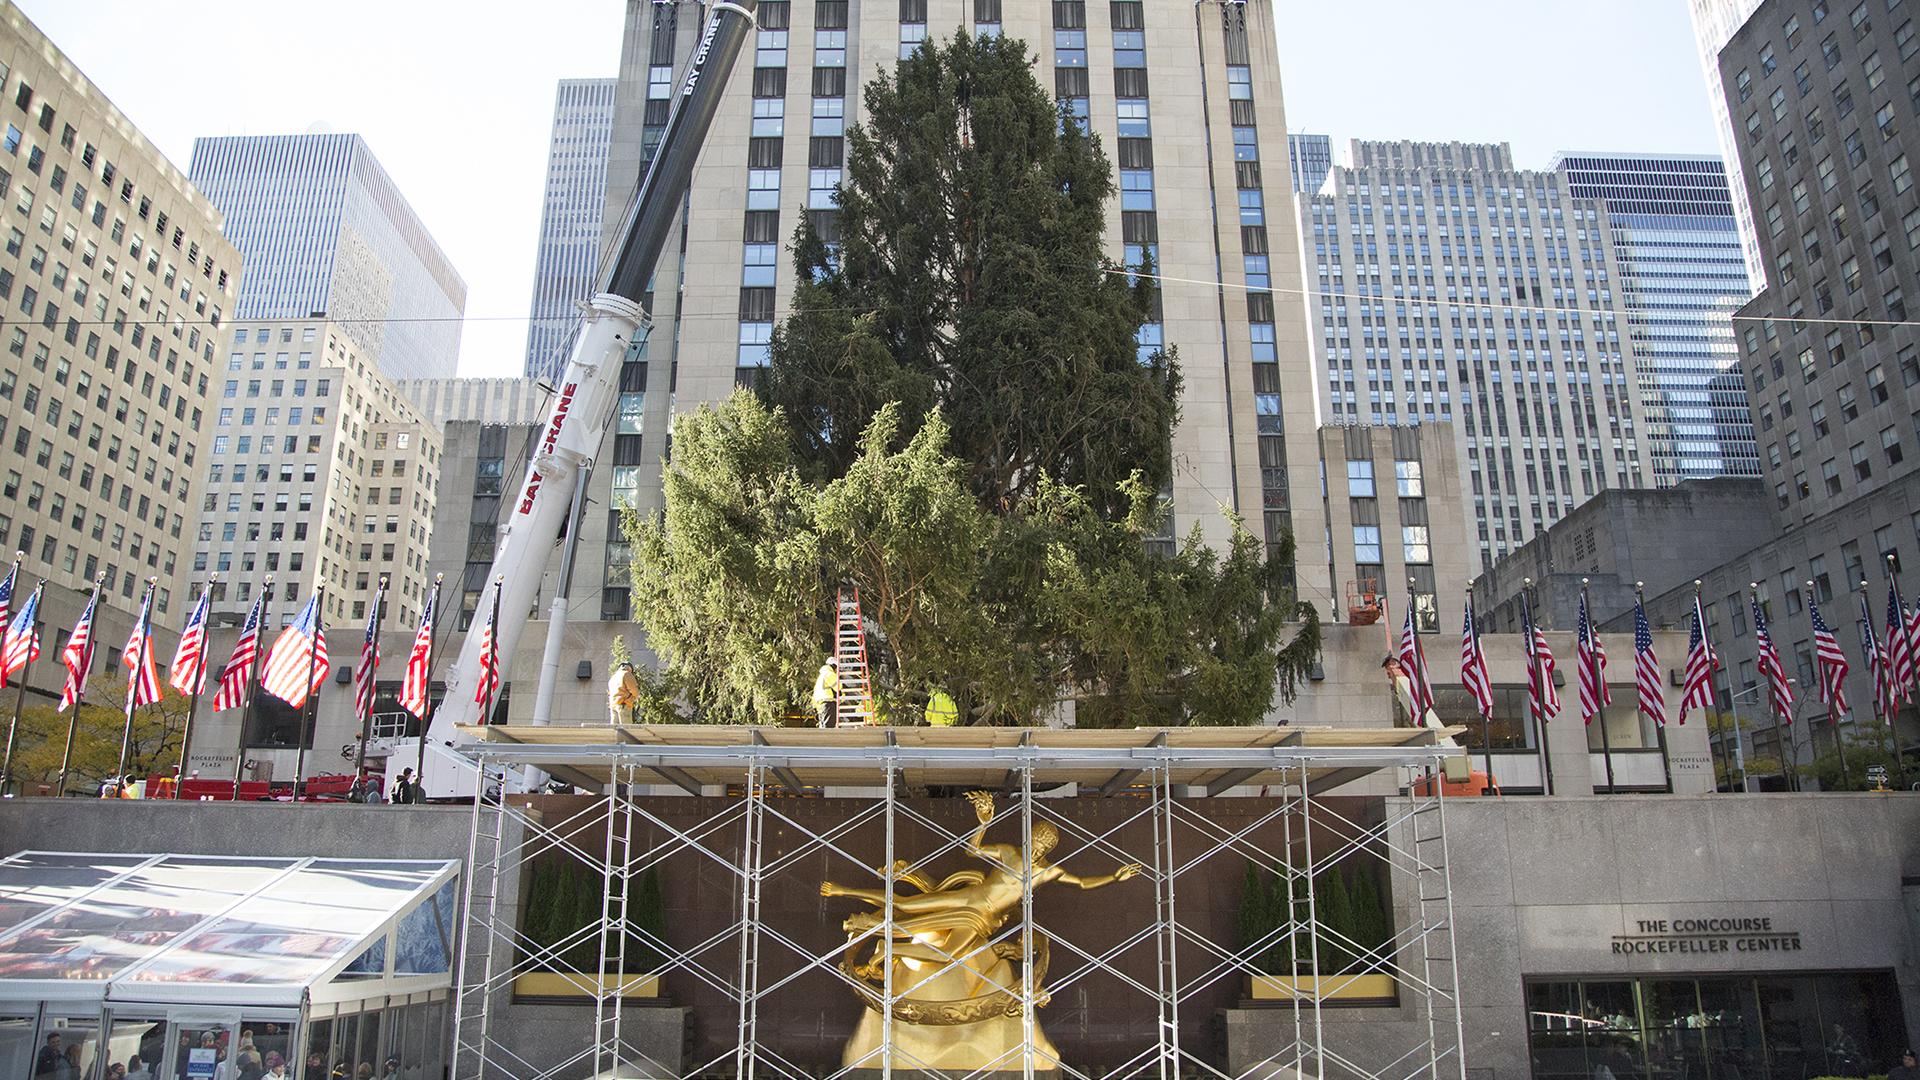 rockefeller center christmas tree arrives on the plaza - Rockefeller Christmas Show